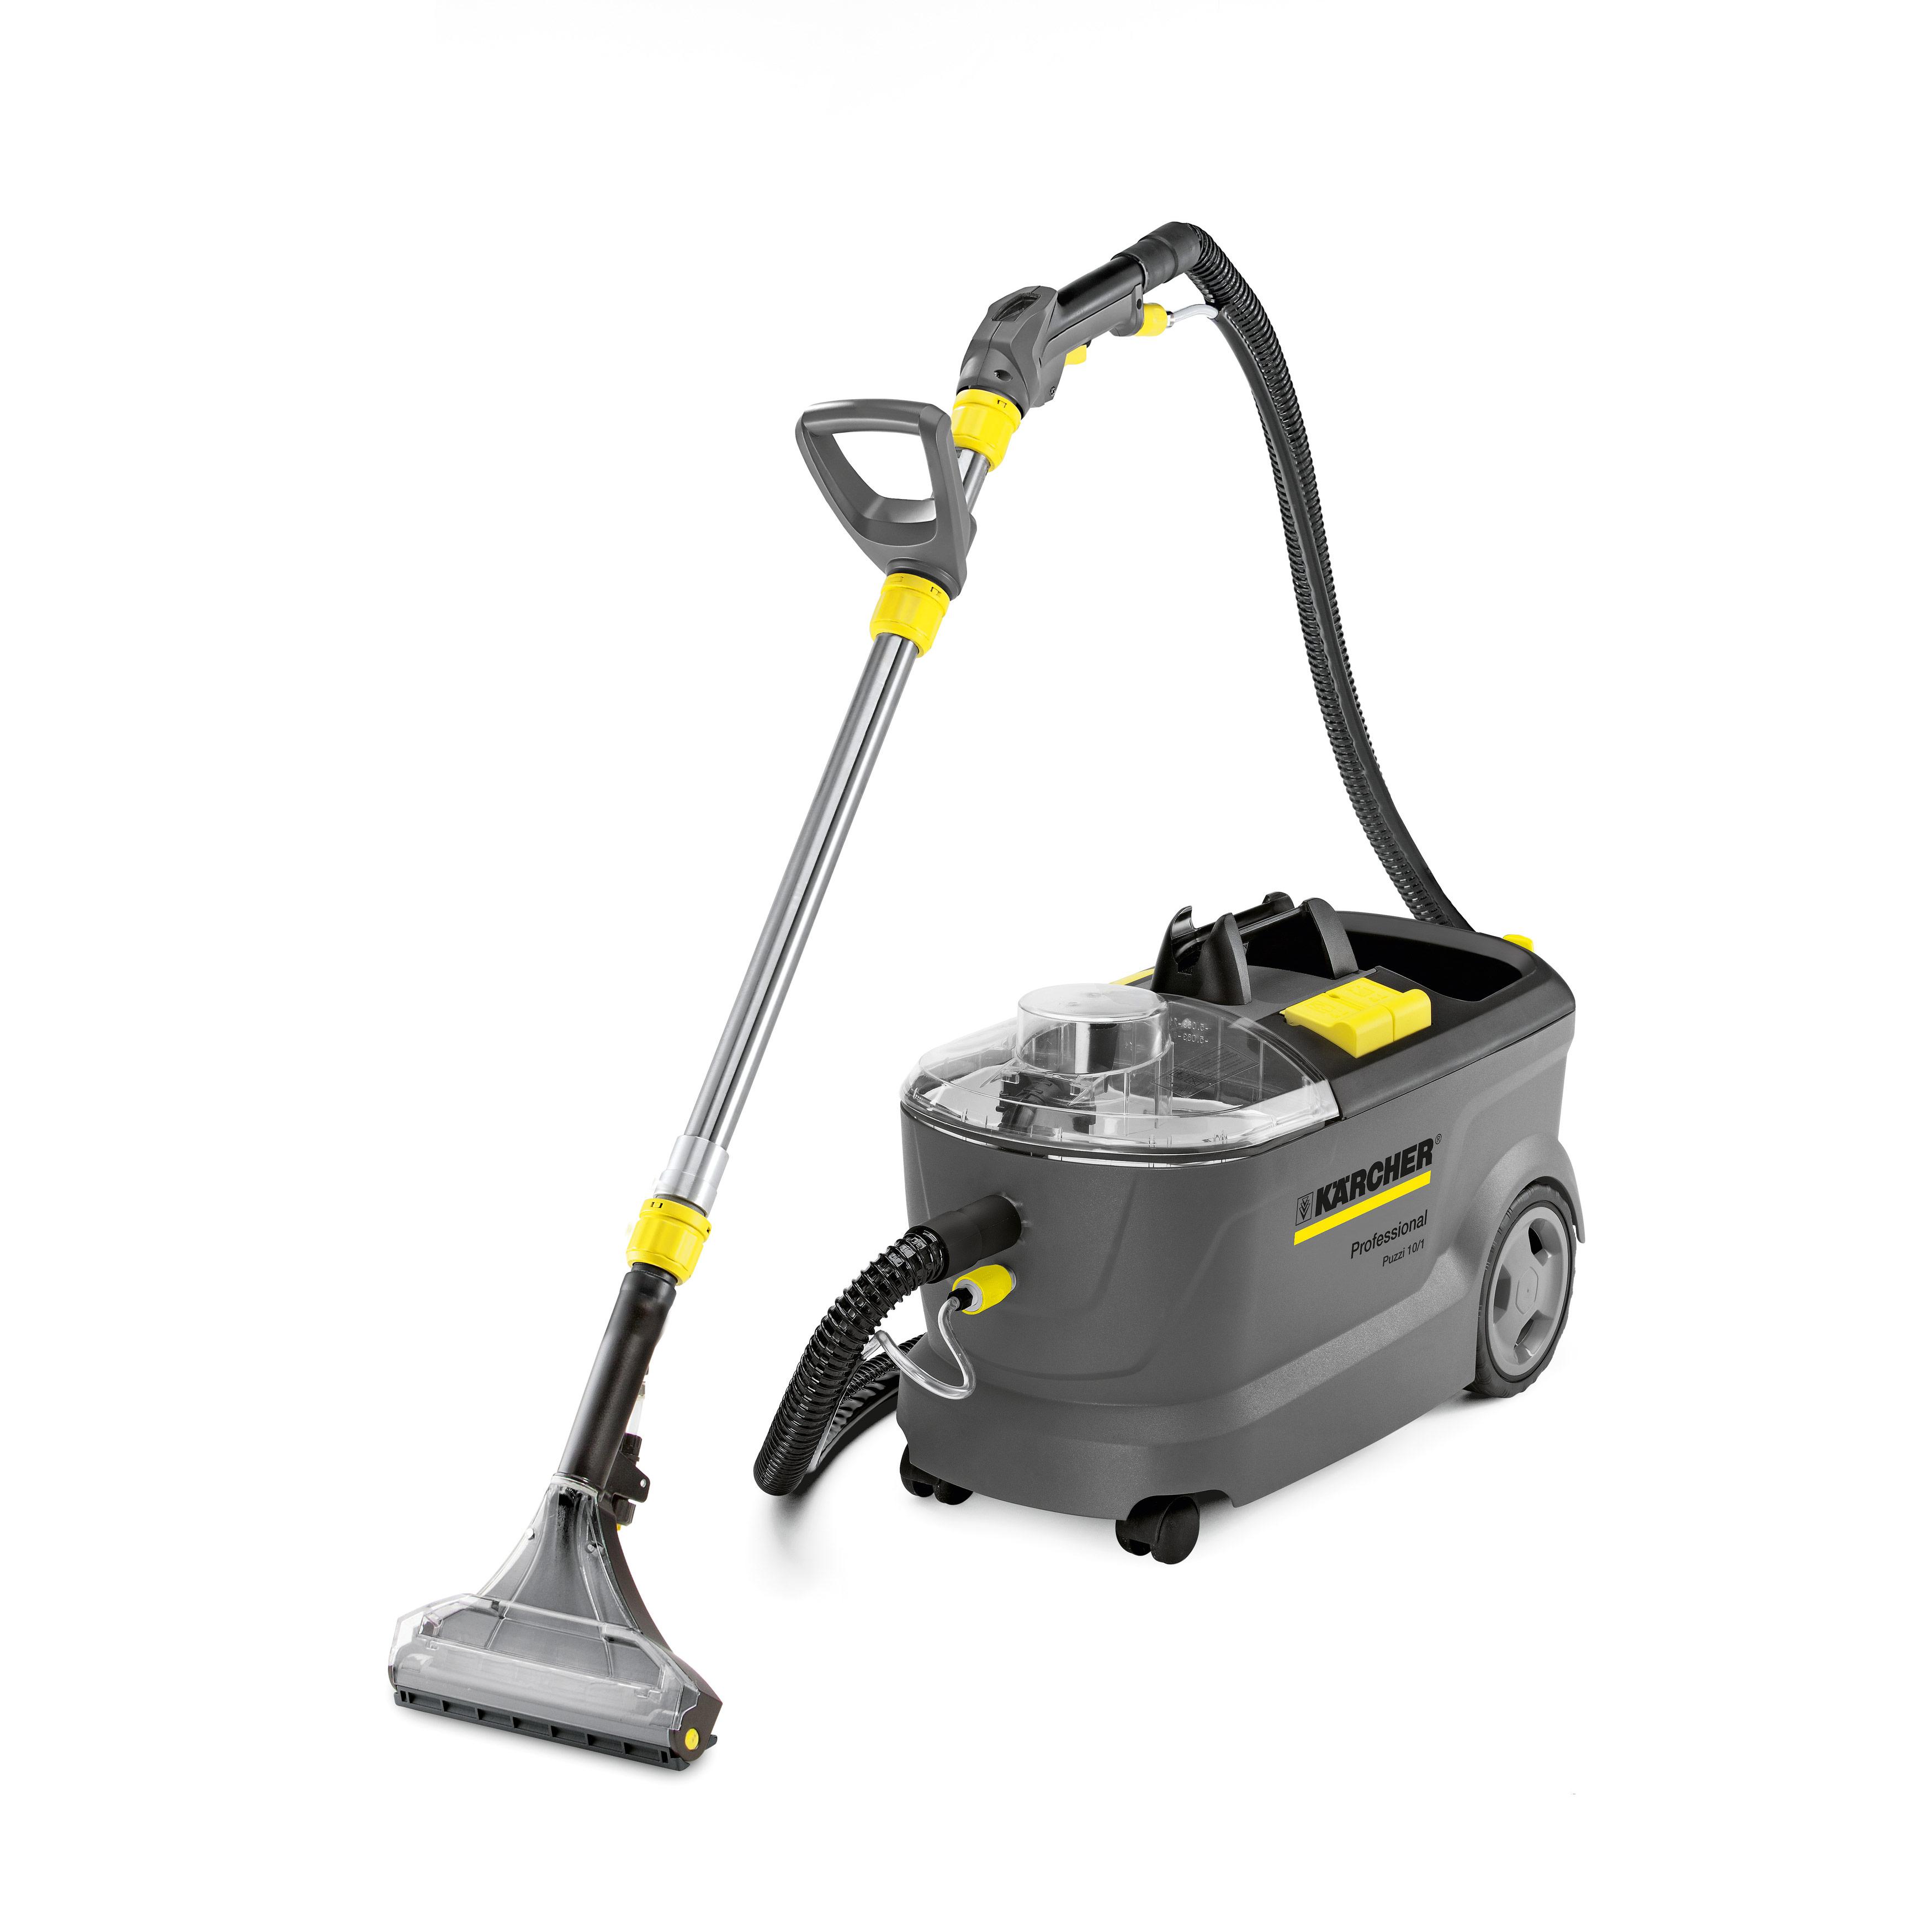 Как выбрать пылесос для уборки квартиры?